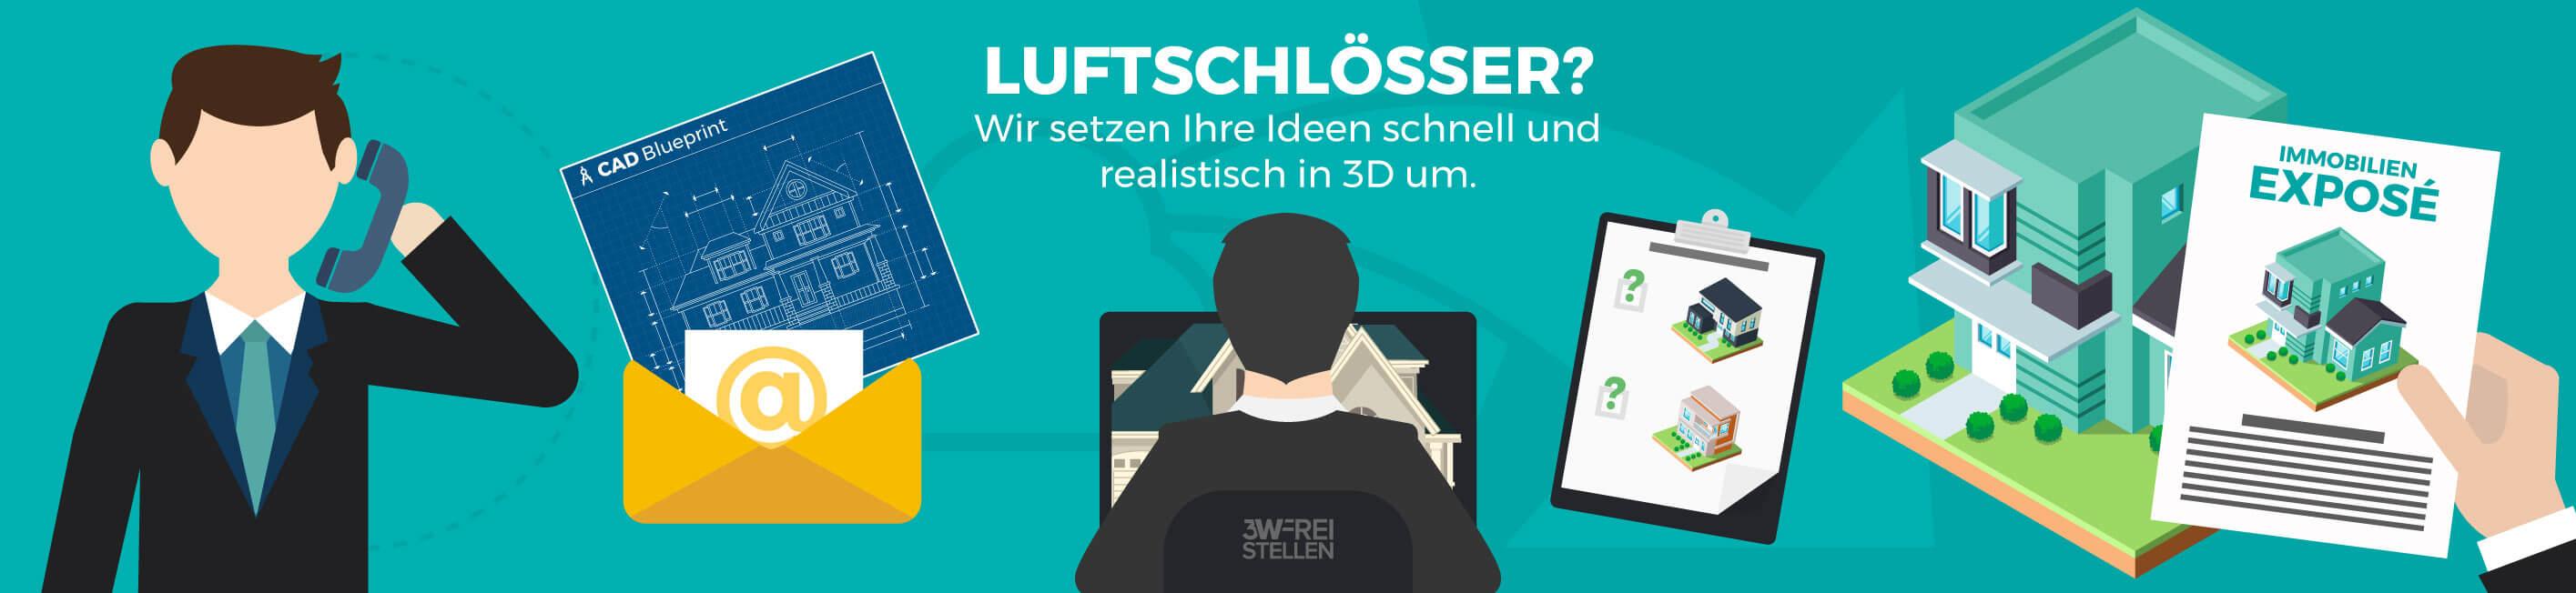 Vektorgrafik 3D Visualisierung Luftschlösser Deutsch